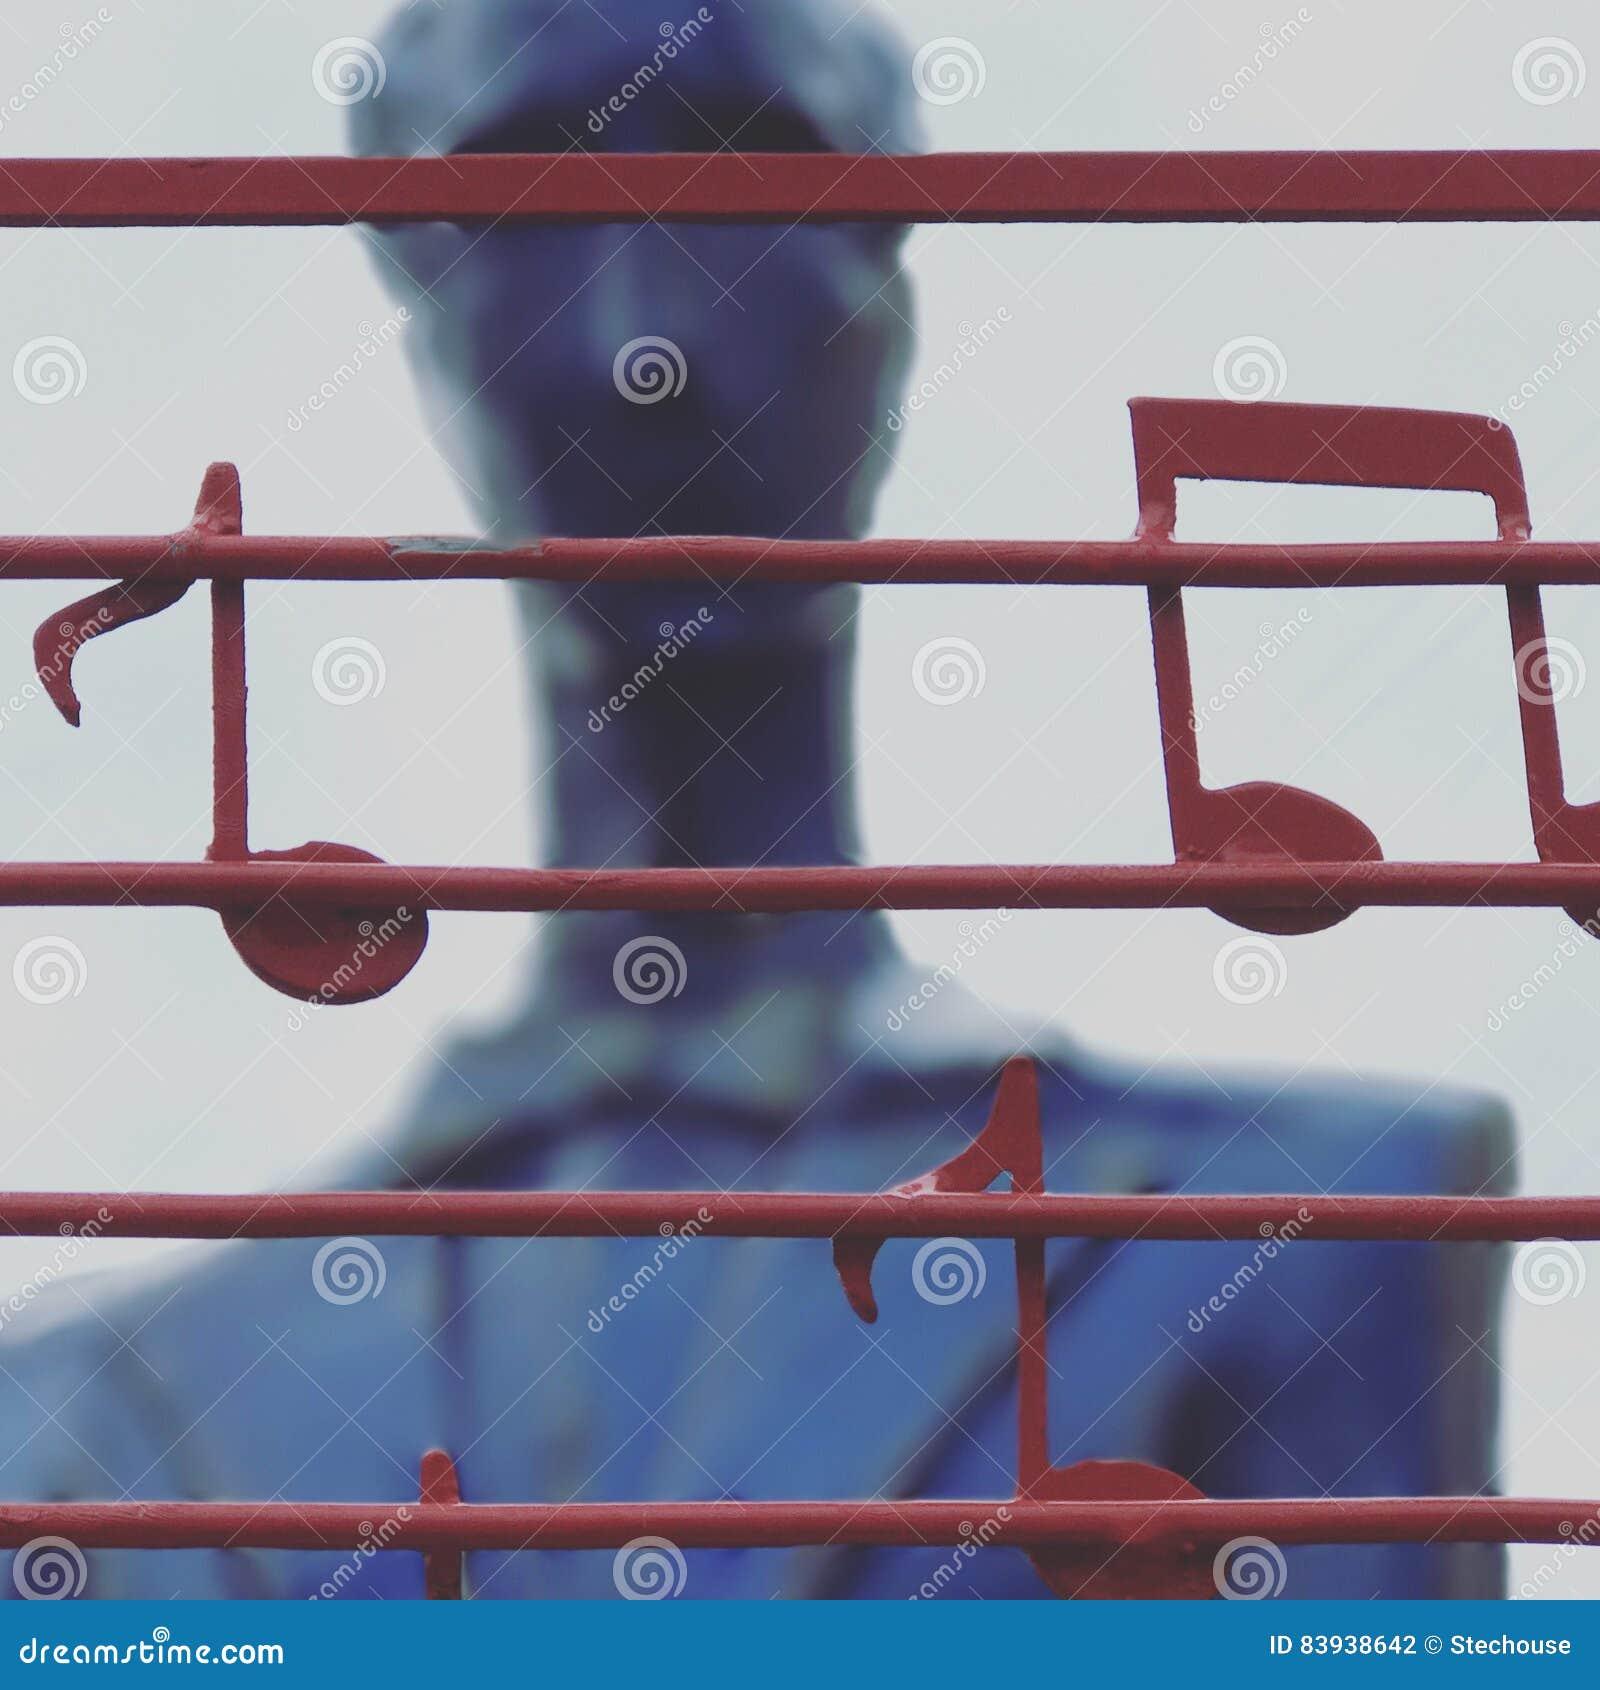 A blue statue plays an instrument